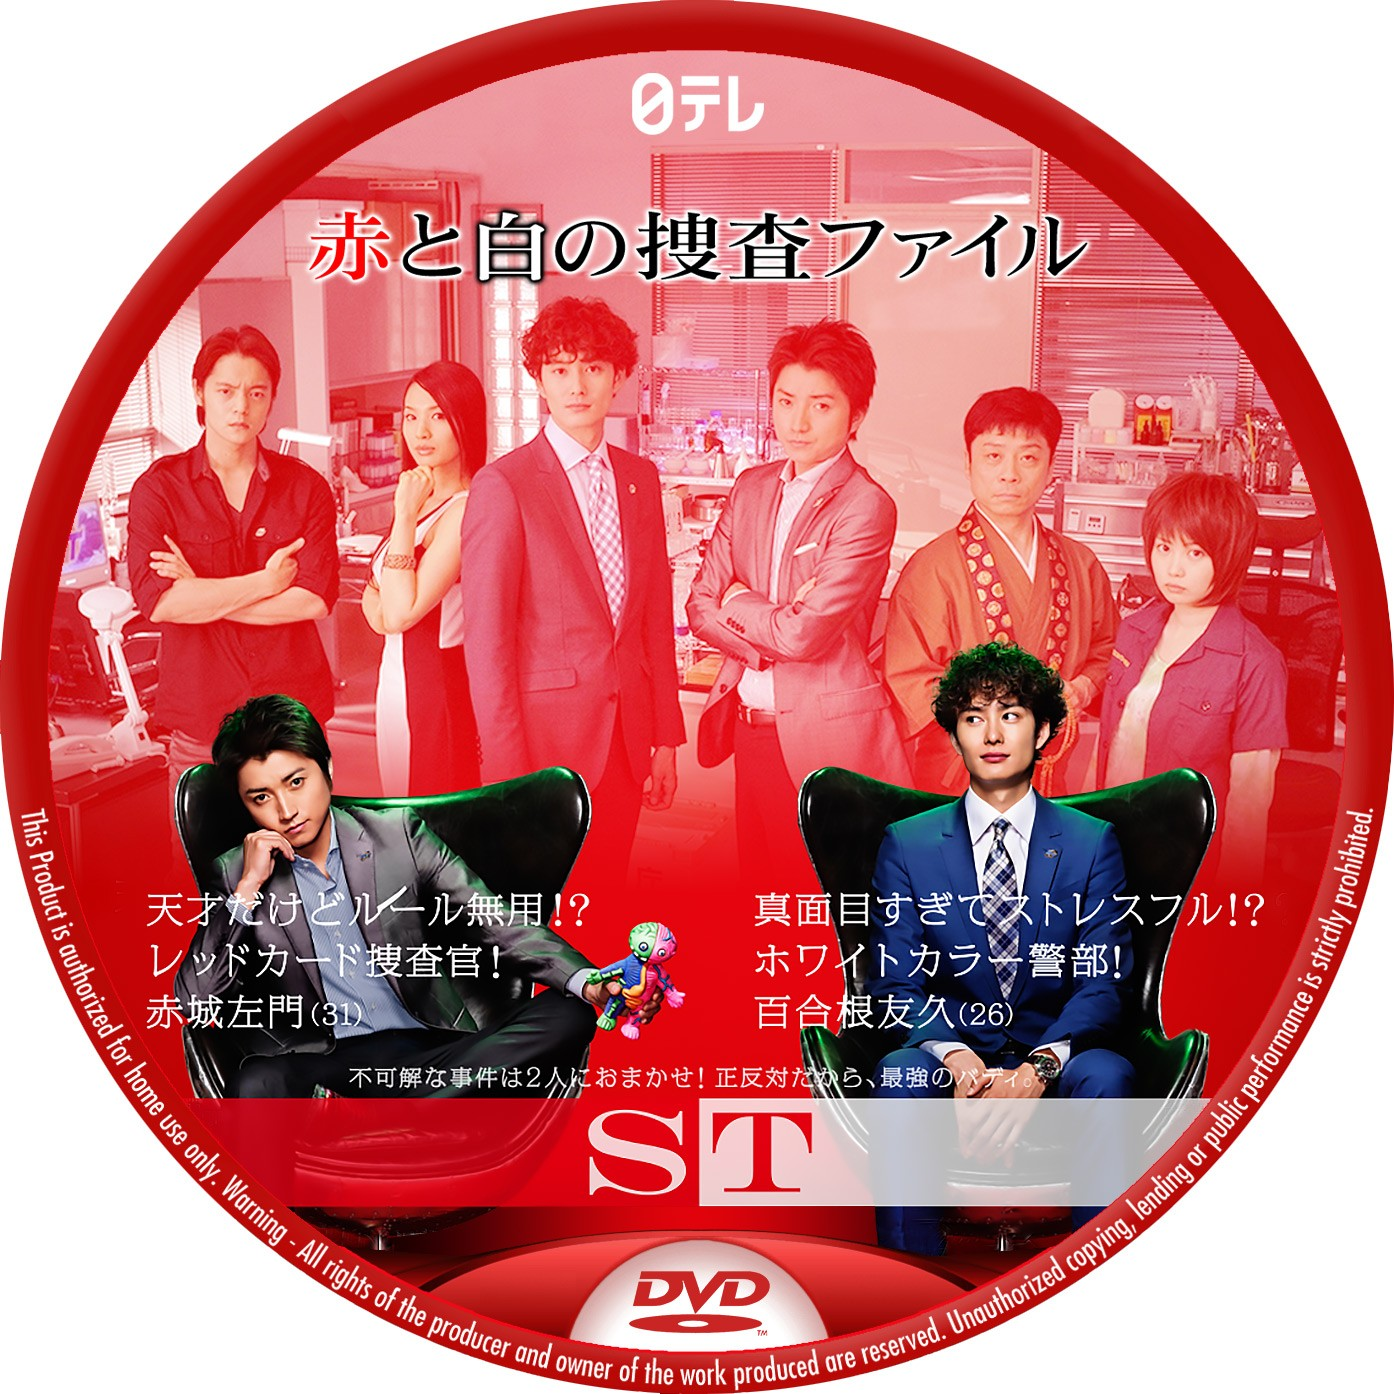 ST 赤と白の捜査ファイル DVDラベル